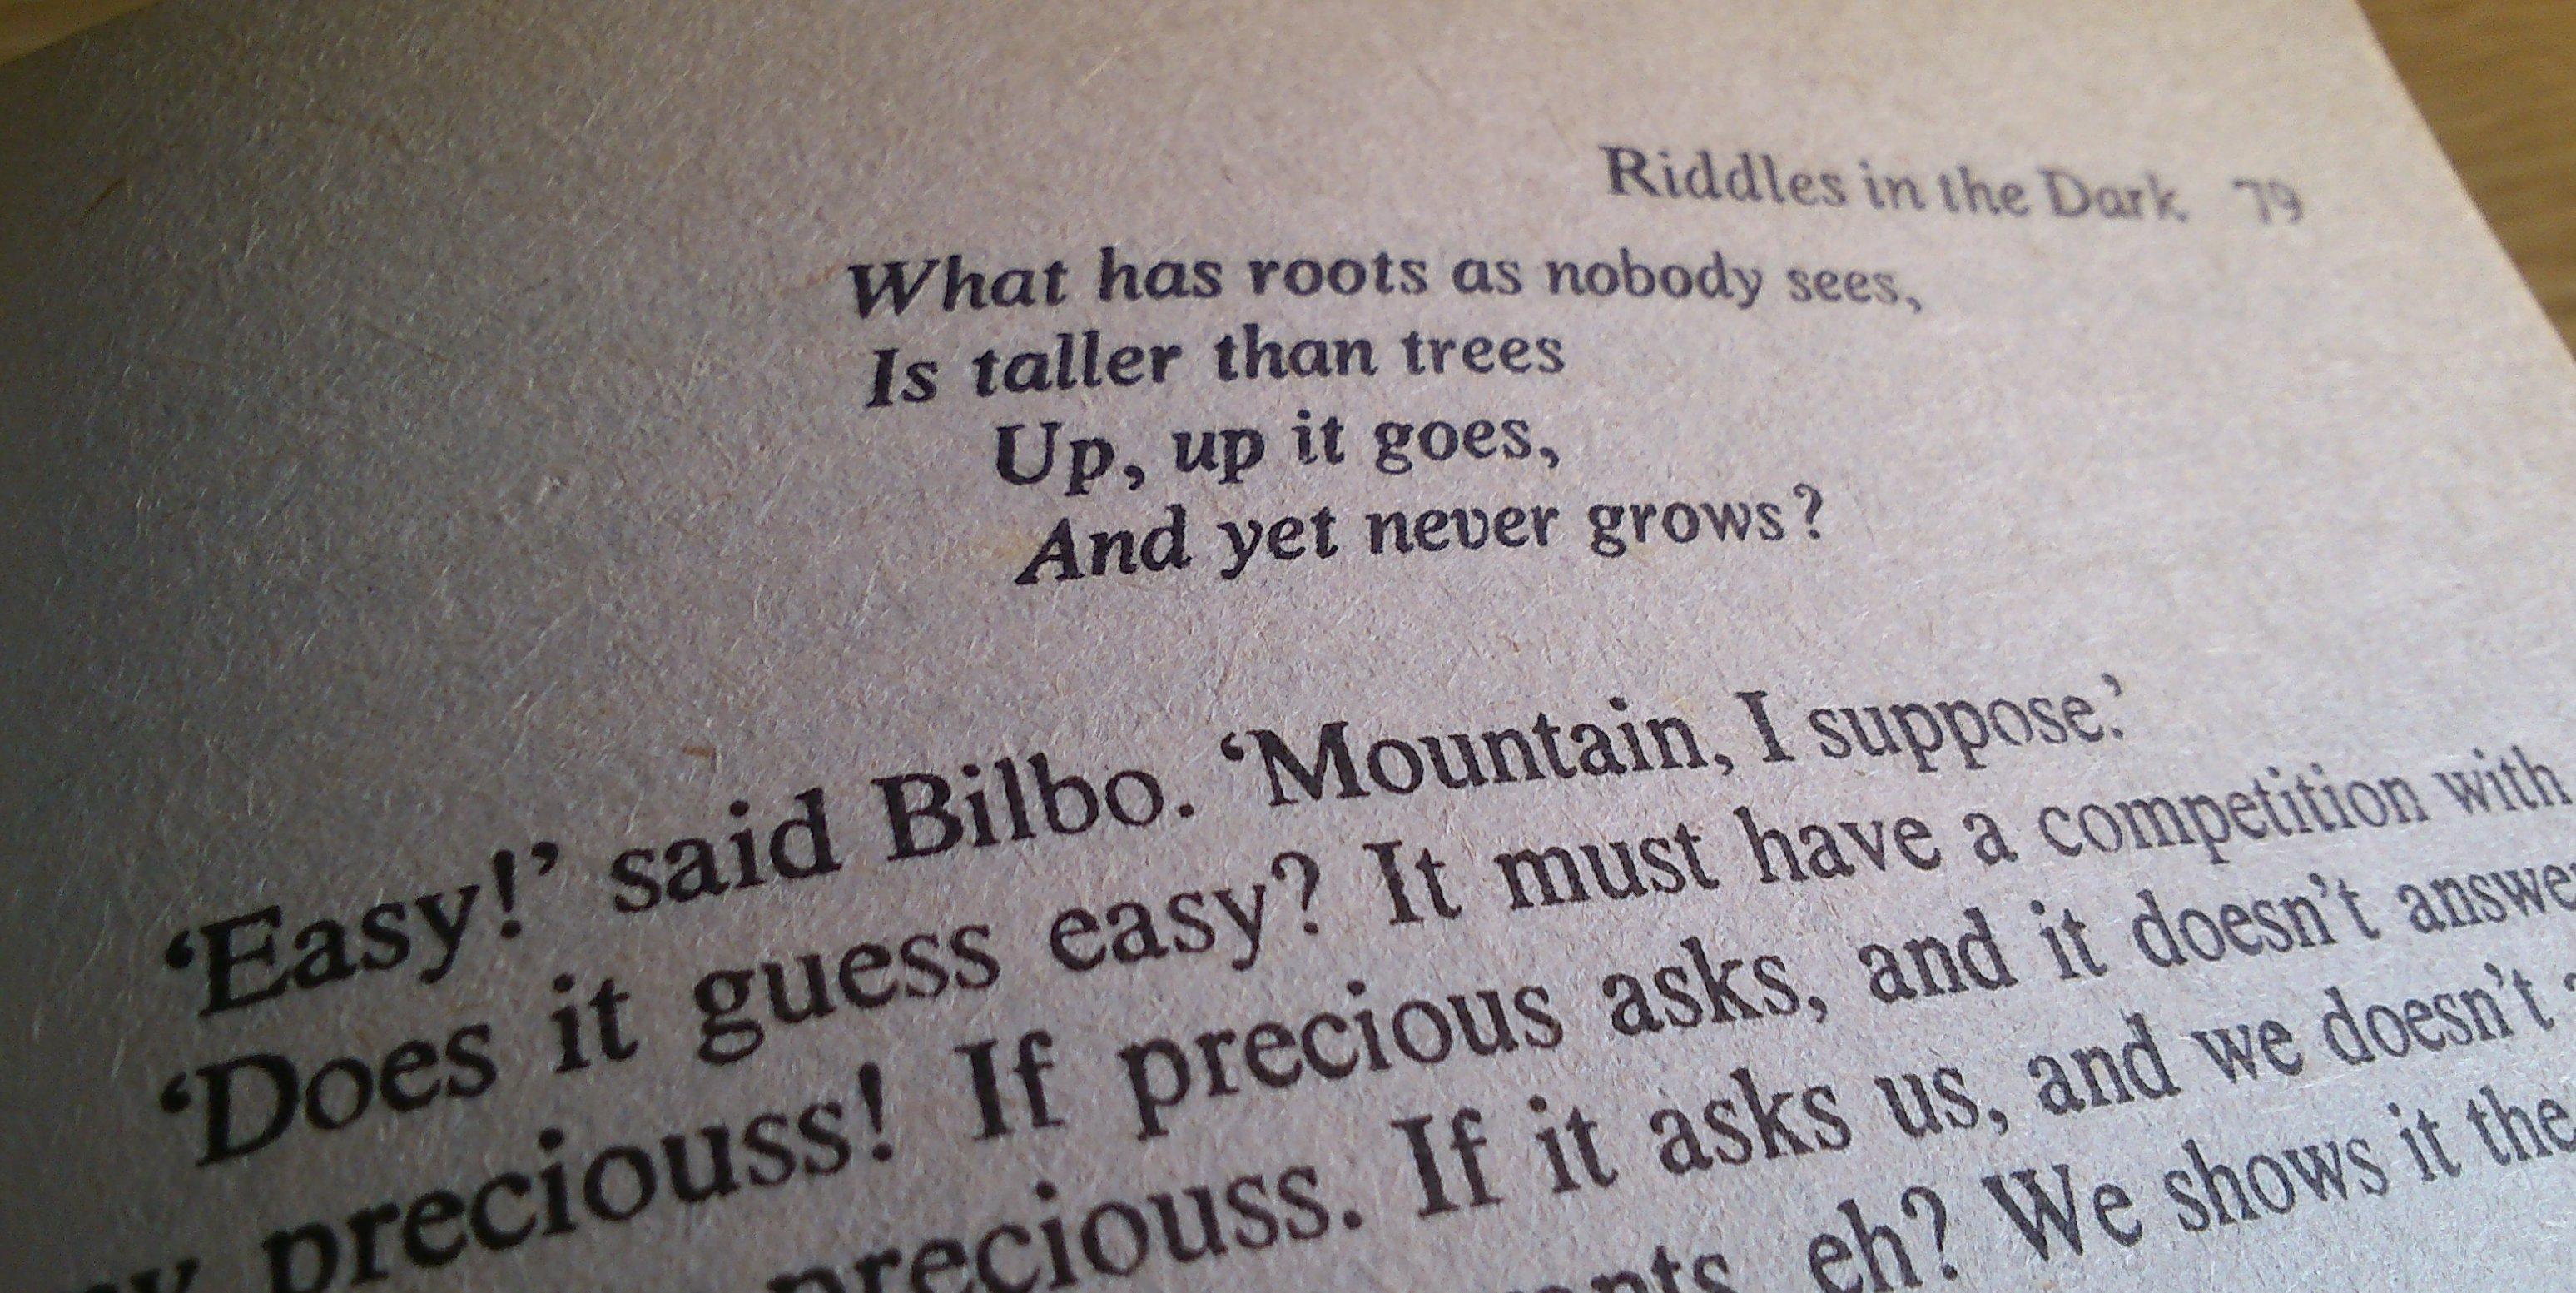 riddles_in_the_dark